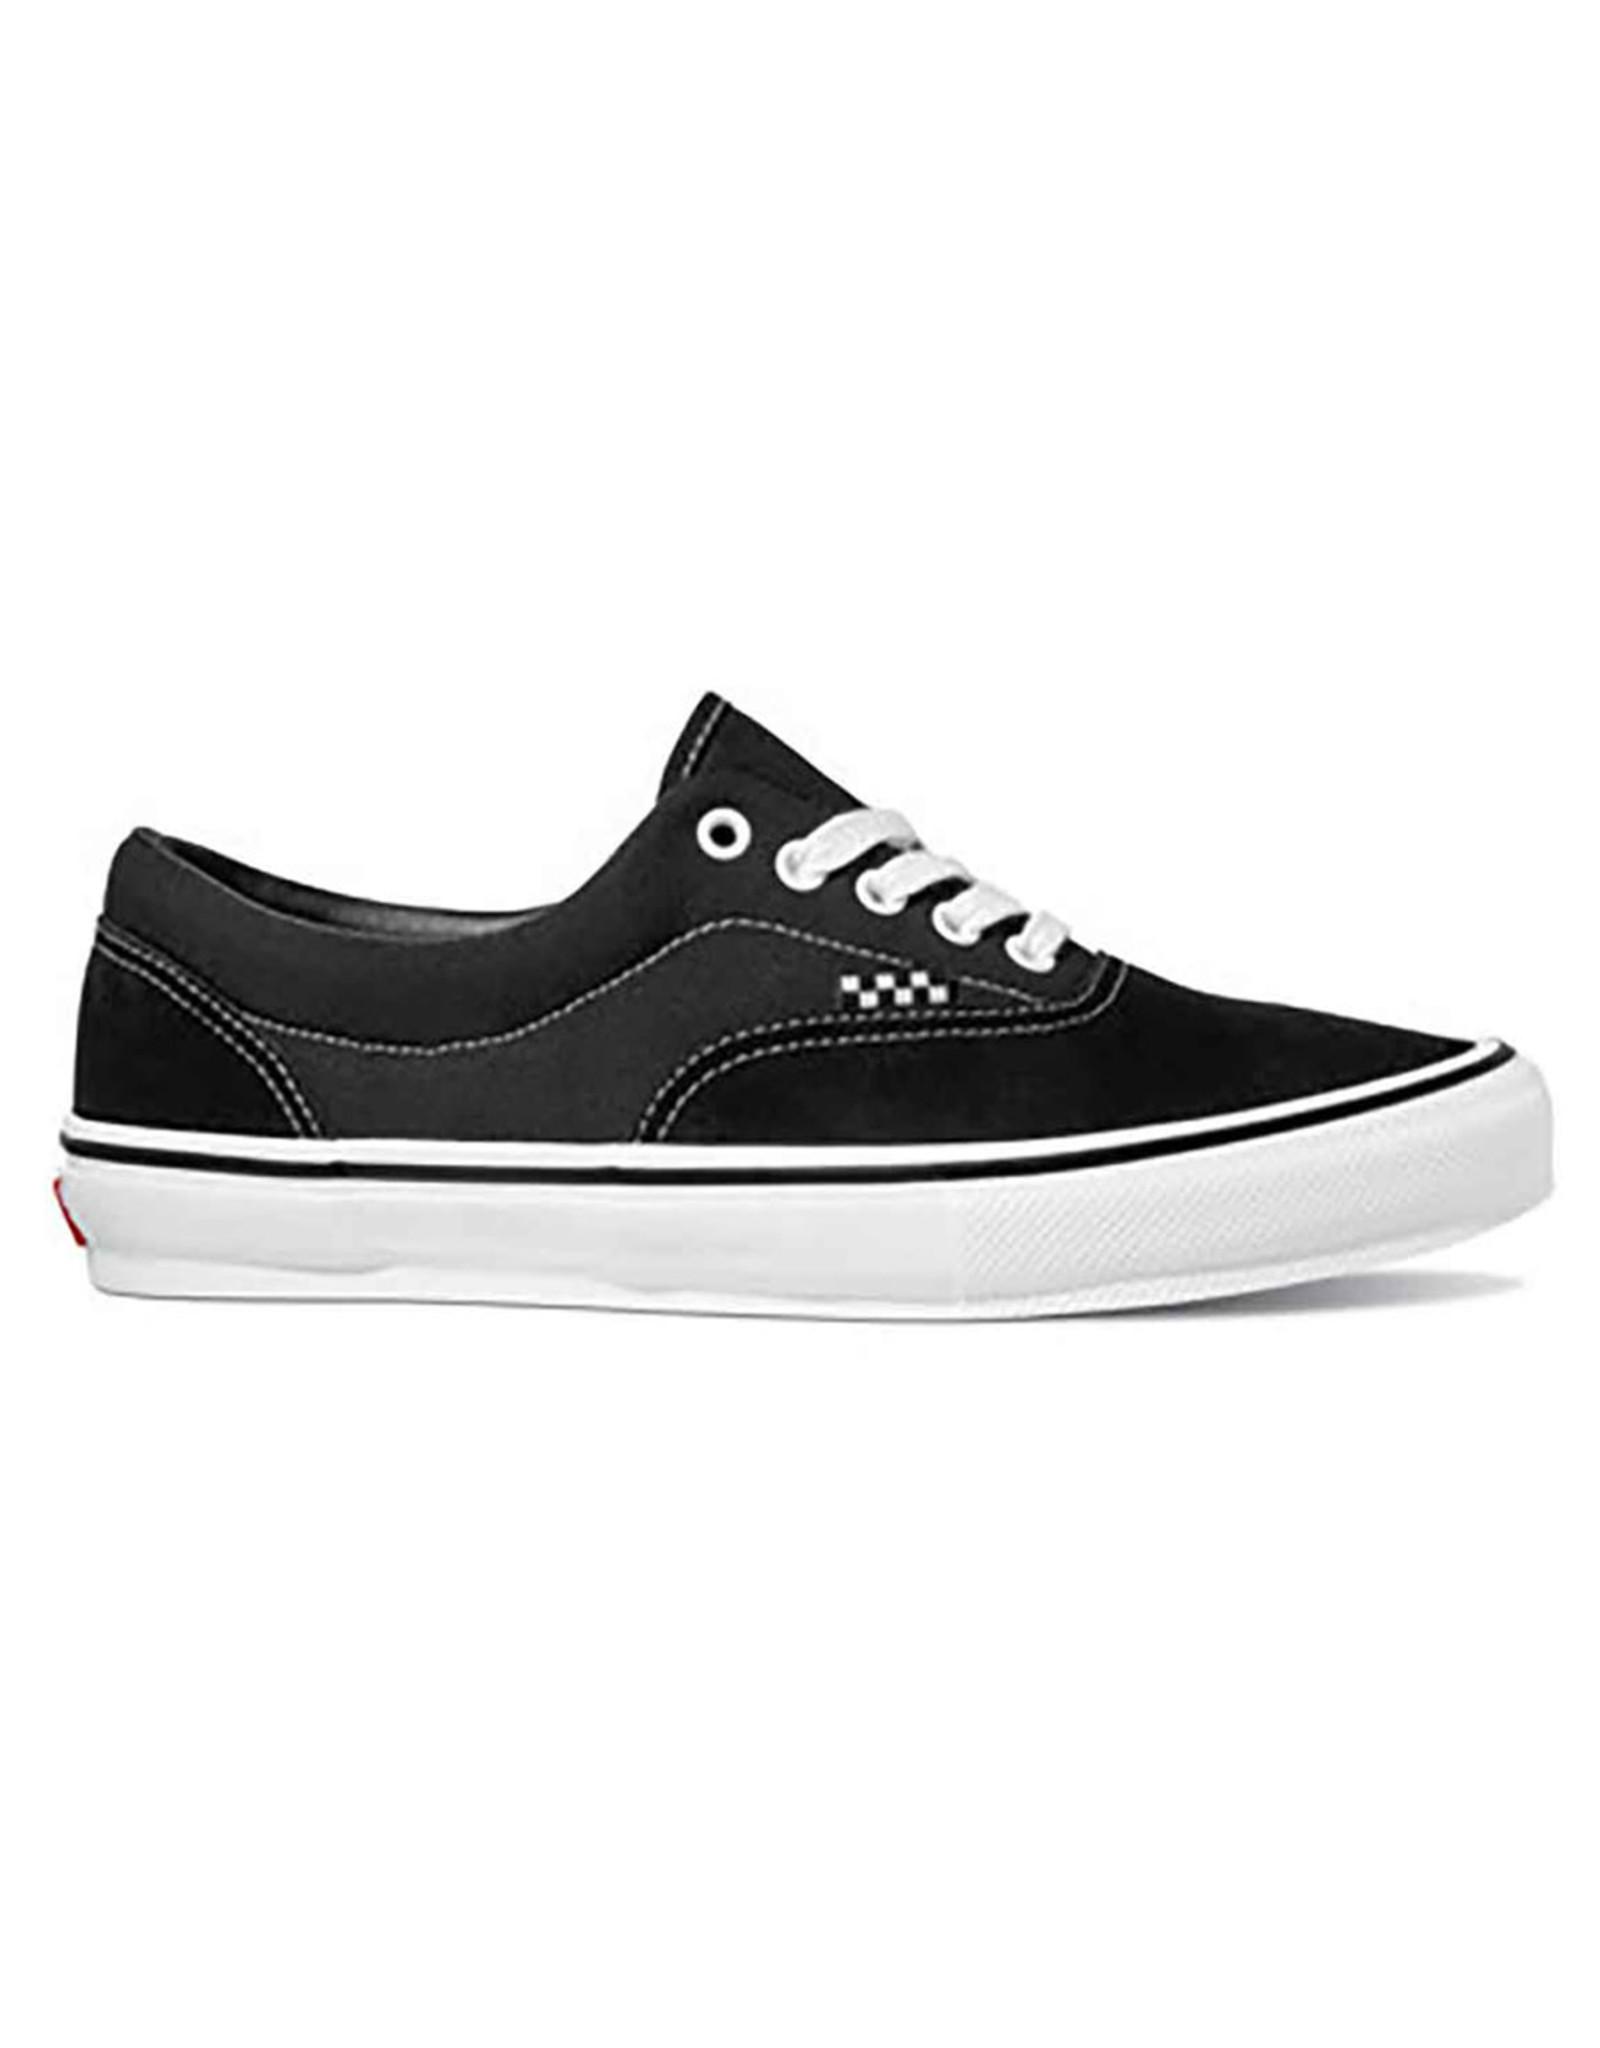 Vans Vans Shoe Skate Era (Black/White)